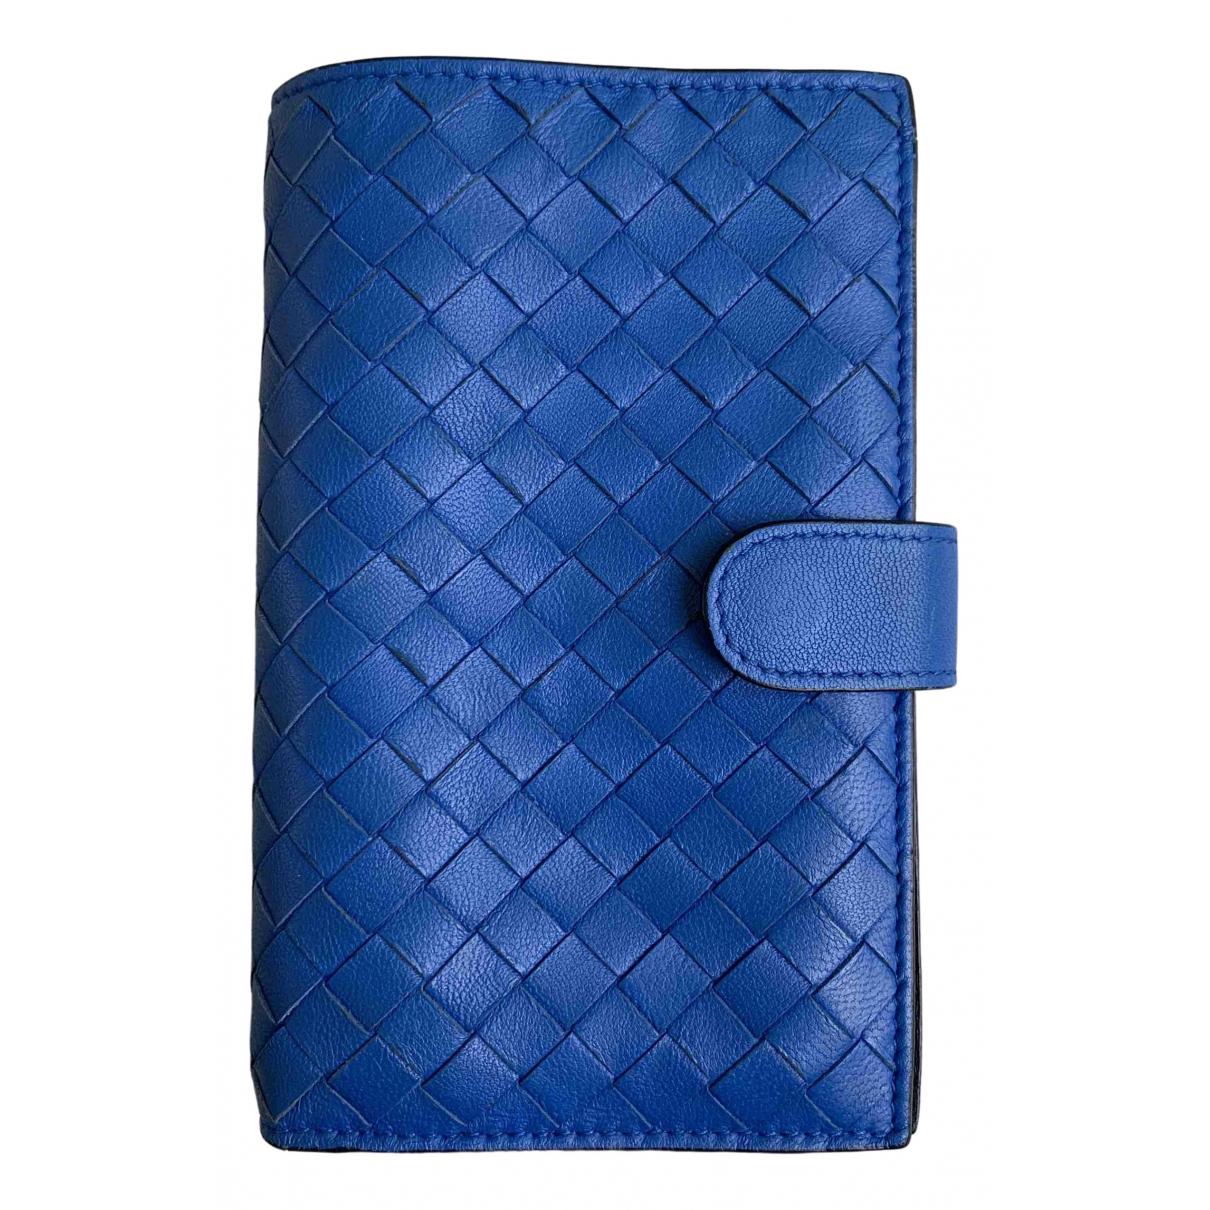 Bottega Veneta - Portefeuille Intrecciato pour femme en cuir - bleu